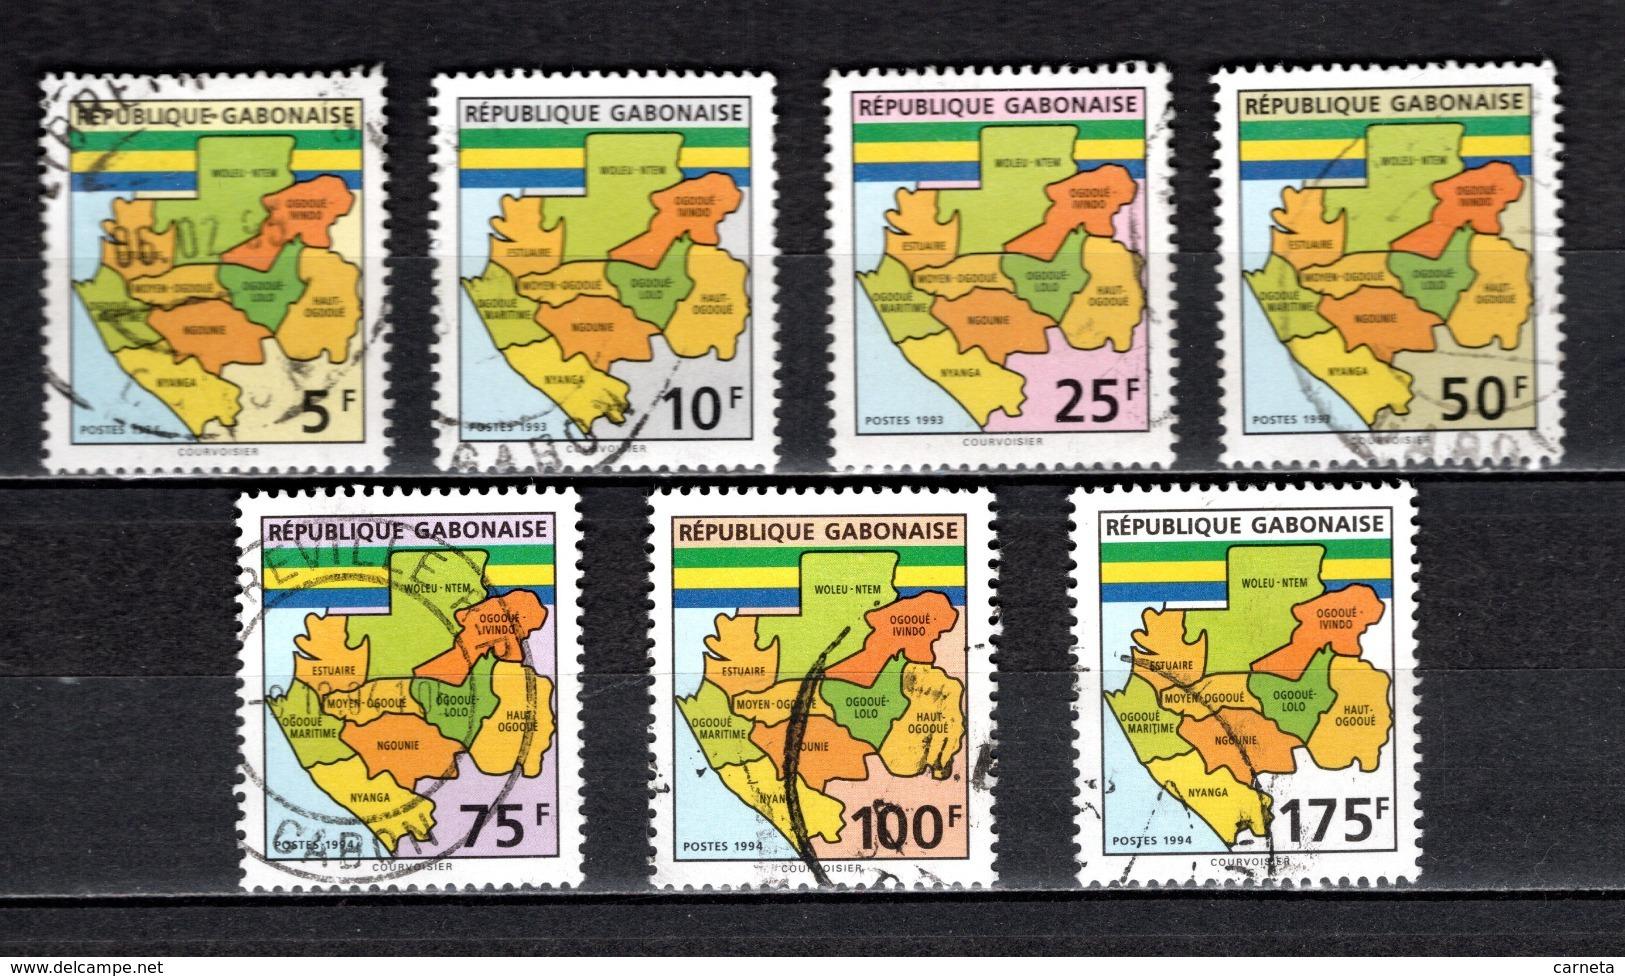 GABON  N° 781A à 791G  OBLITERES  COTE 28.00€  CARTE DU GABON - Gabon (1960-...)